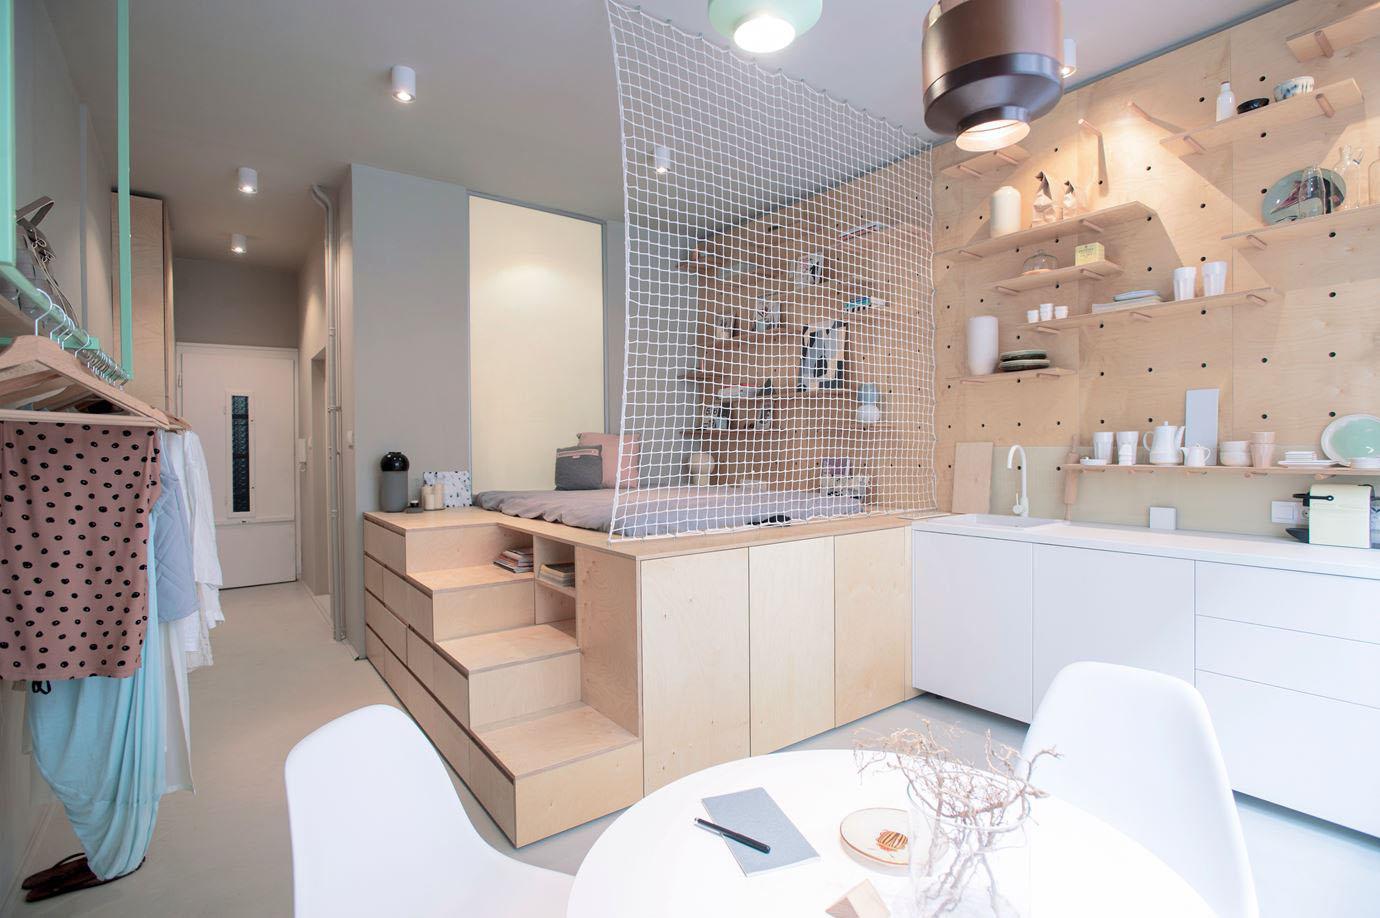 Квартира-студия мало пригодна для проживания многодетных семей